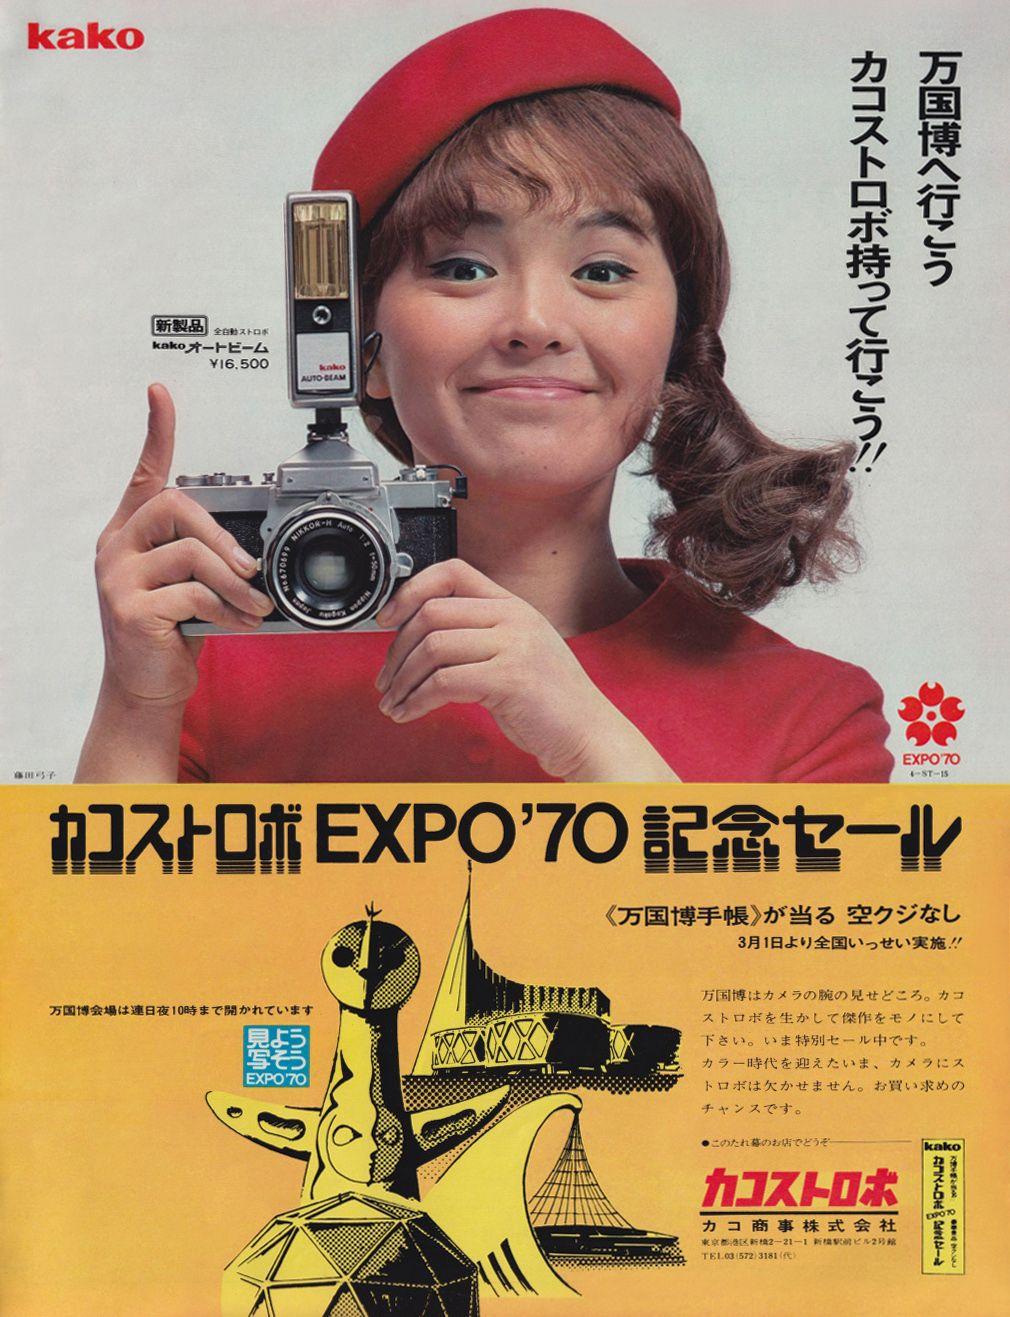 藤田弓子 Fijita Yumiko / Kako Auto Beam flash, 1970 | 昔の広告 ...